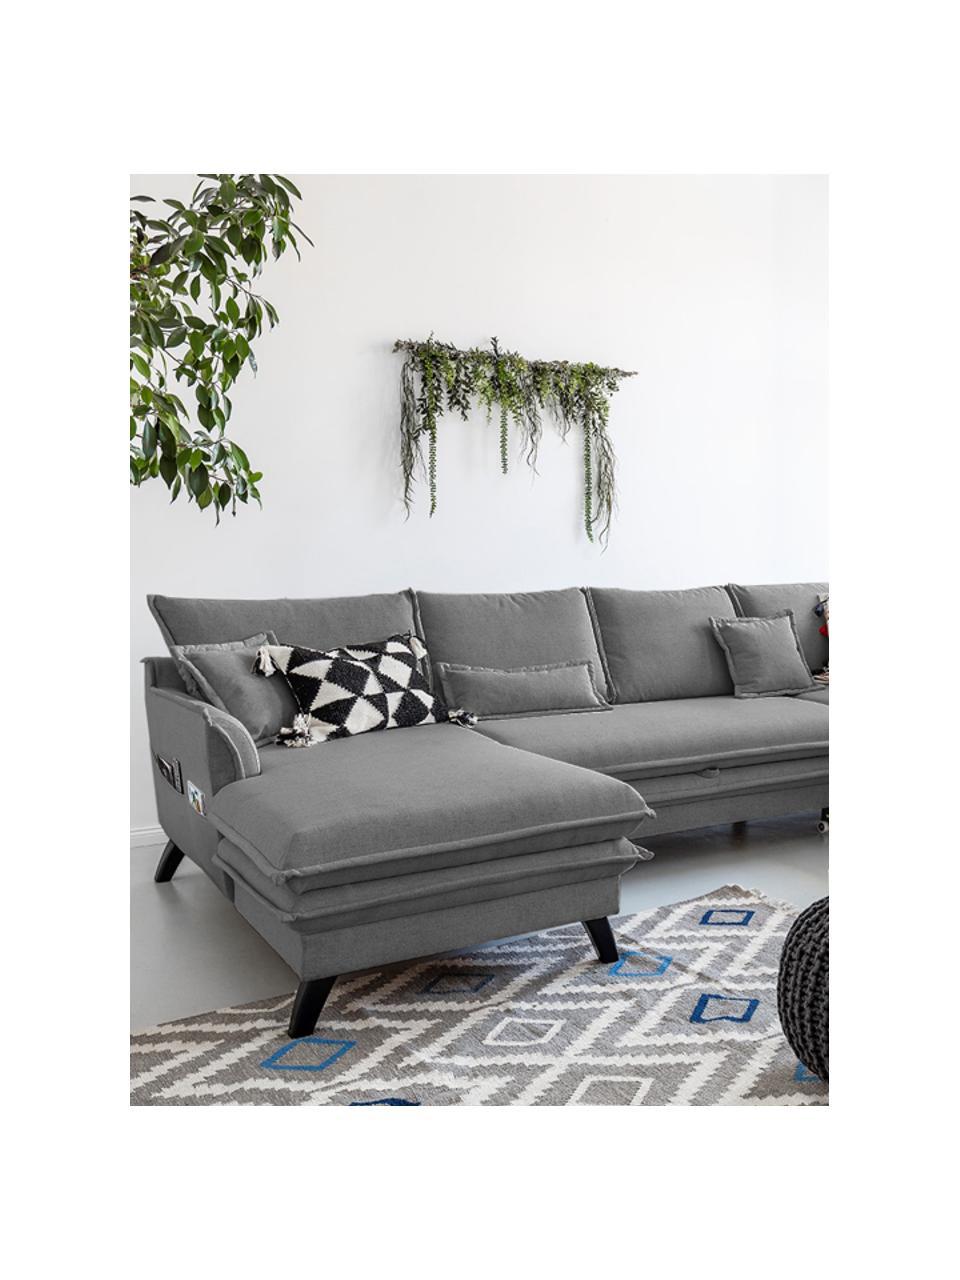 Sofa narożna z funkcją spania i miejscem do przechowywania Charming Charlie, Tapicerka: 100% poliester, w dotyku , Stelaż: drewno naturalne, płyta w, Szary, S 302 x G 200 cm